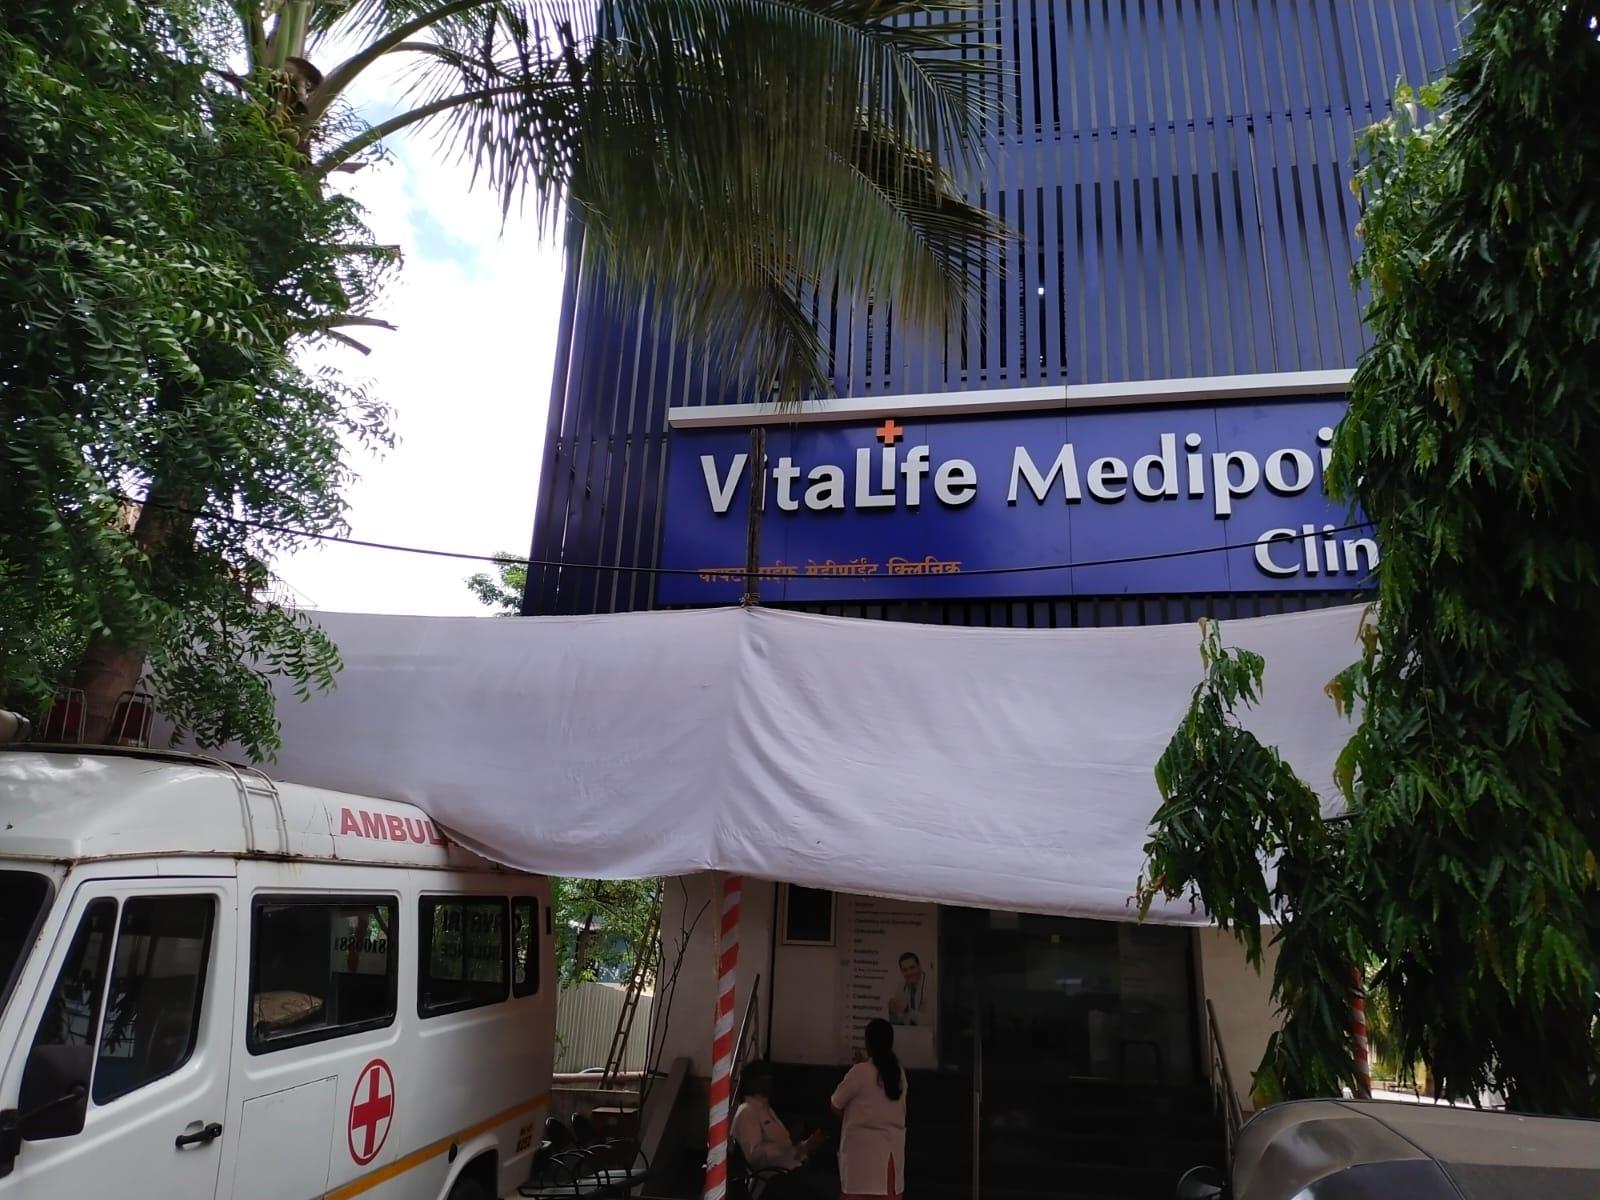 Vitalife Medipoint Hospital